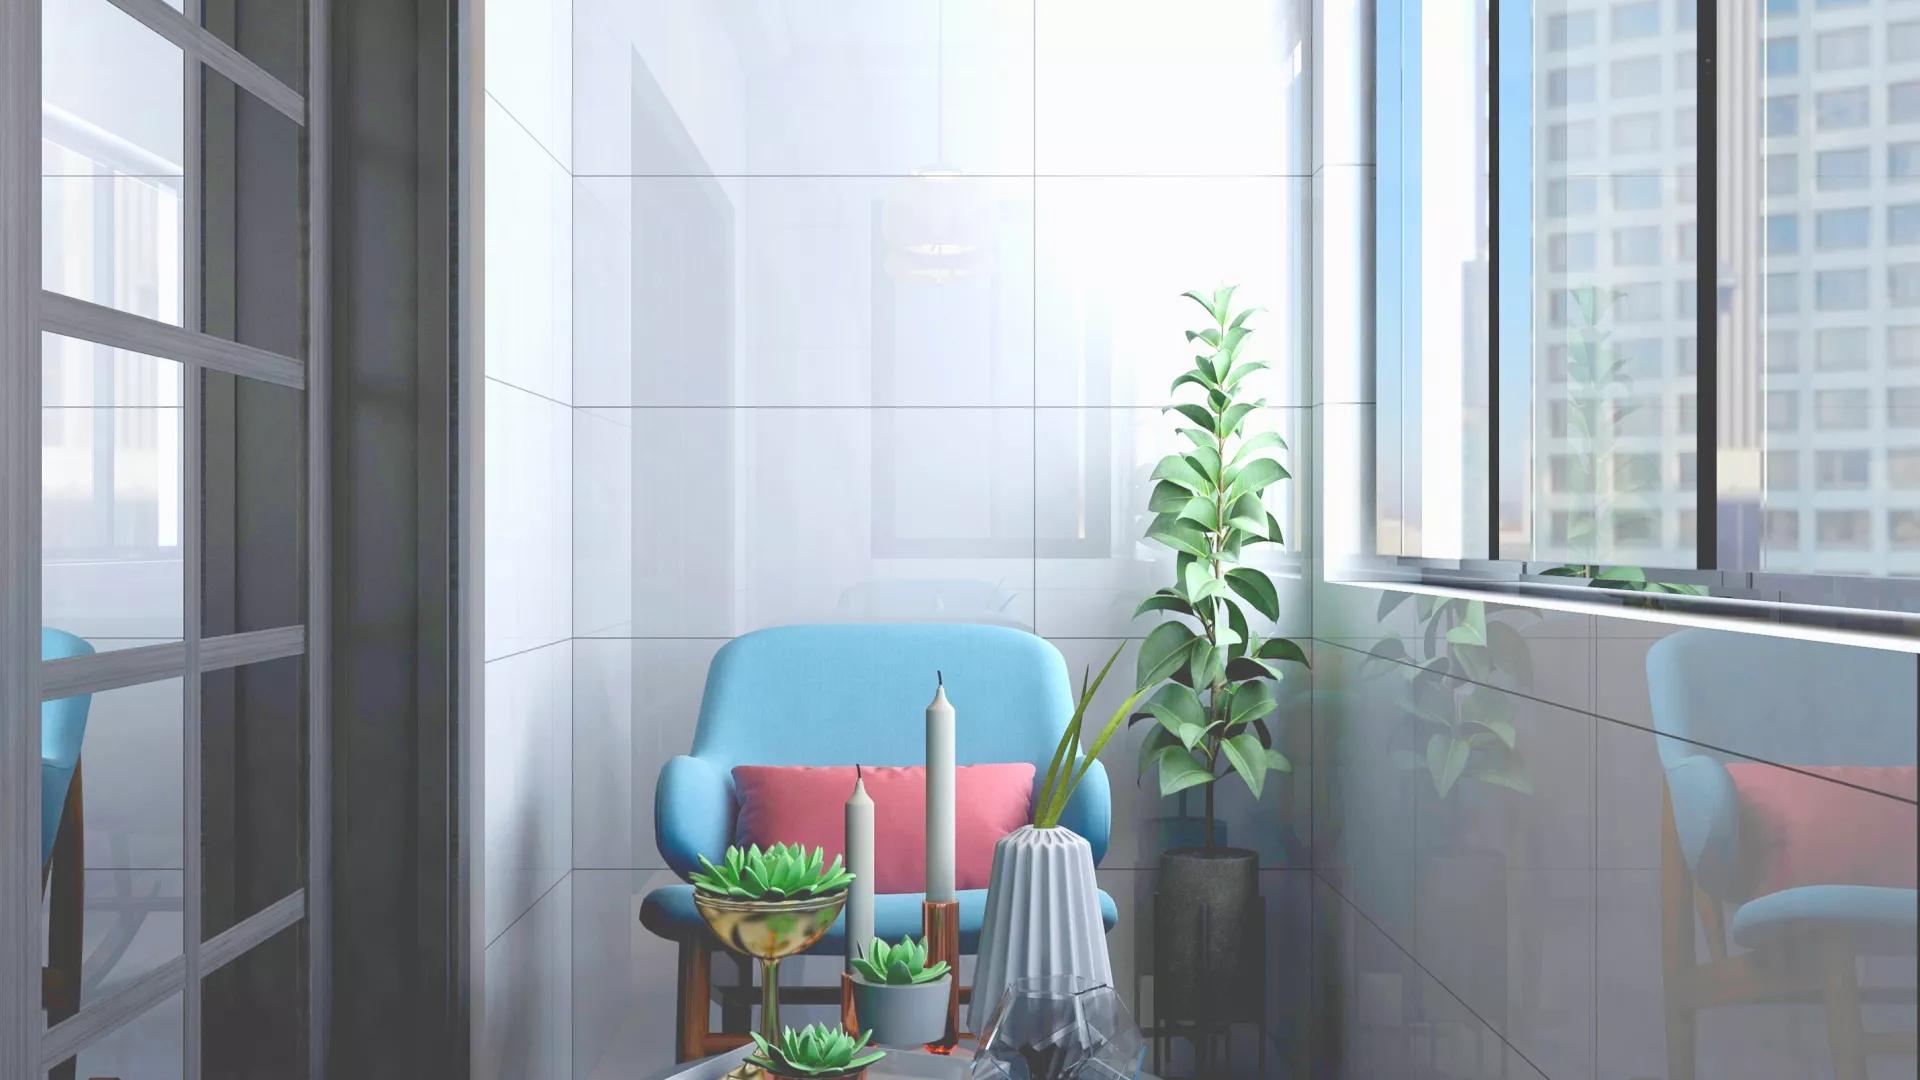 简洁工业风格家居客厅装修效果图